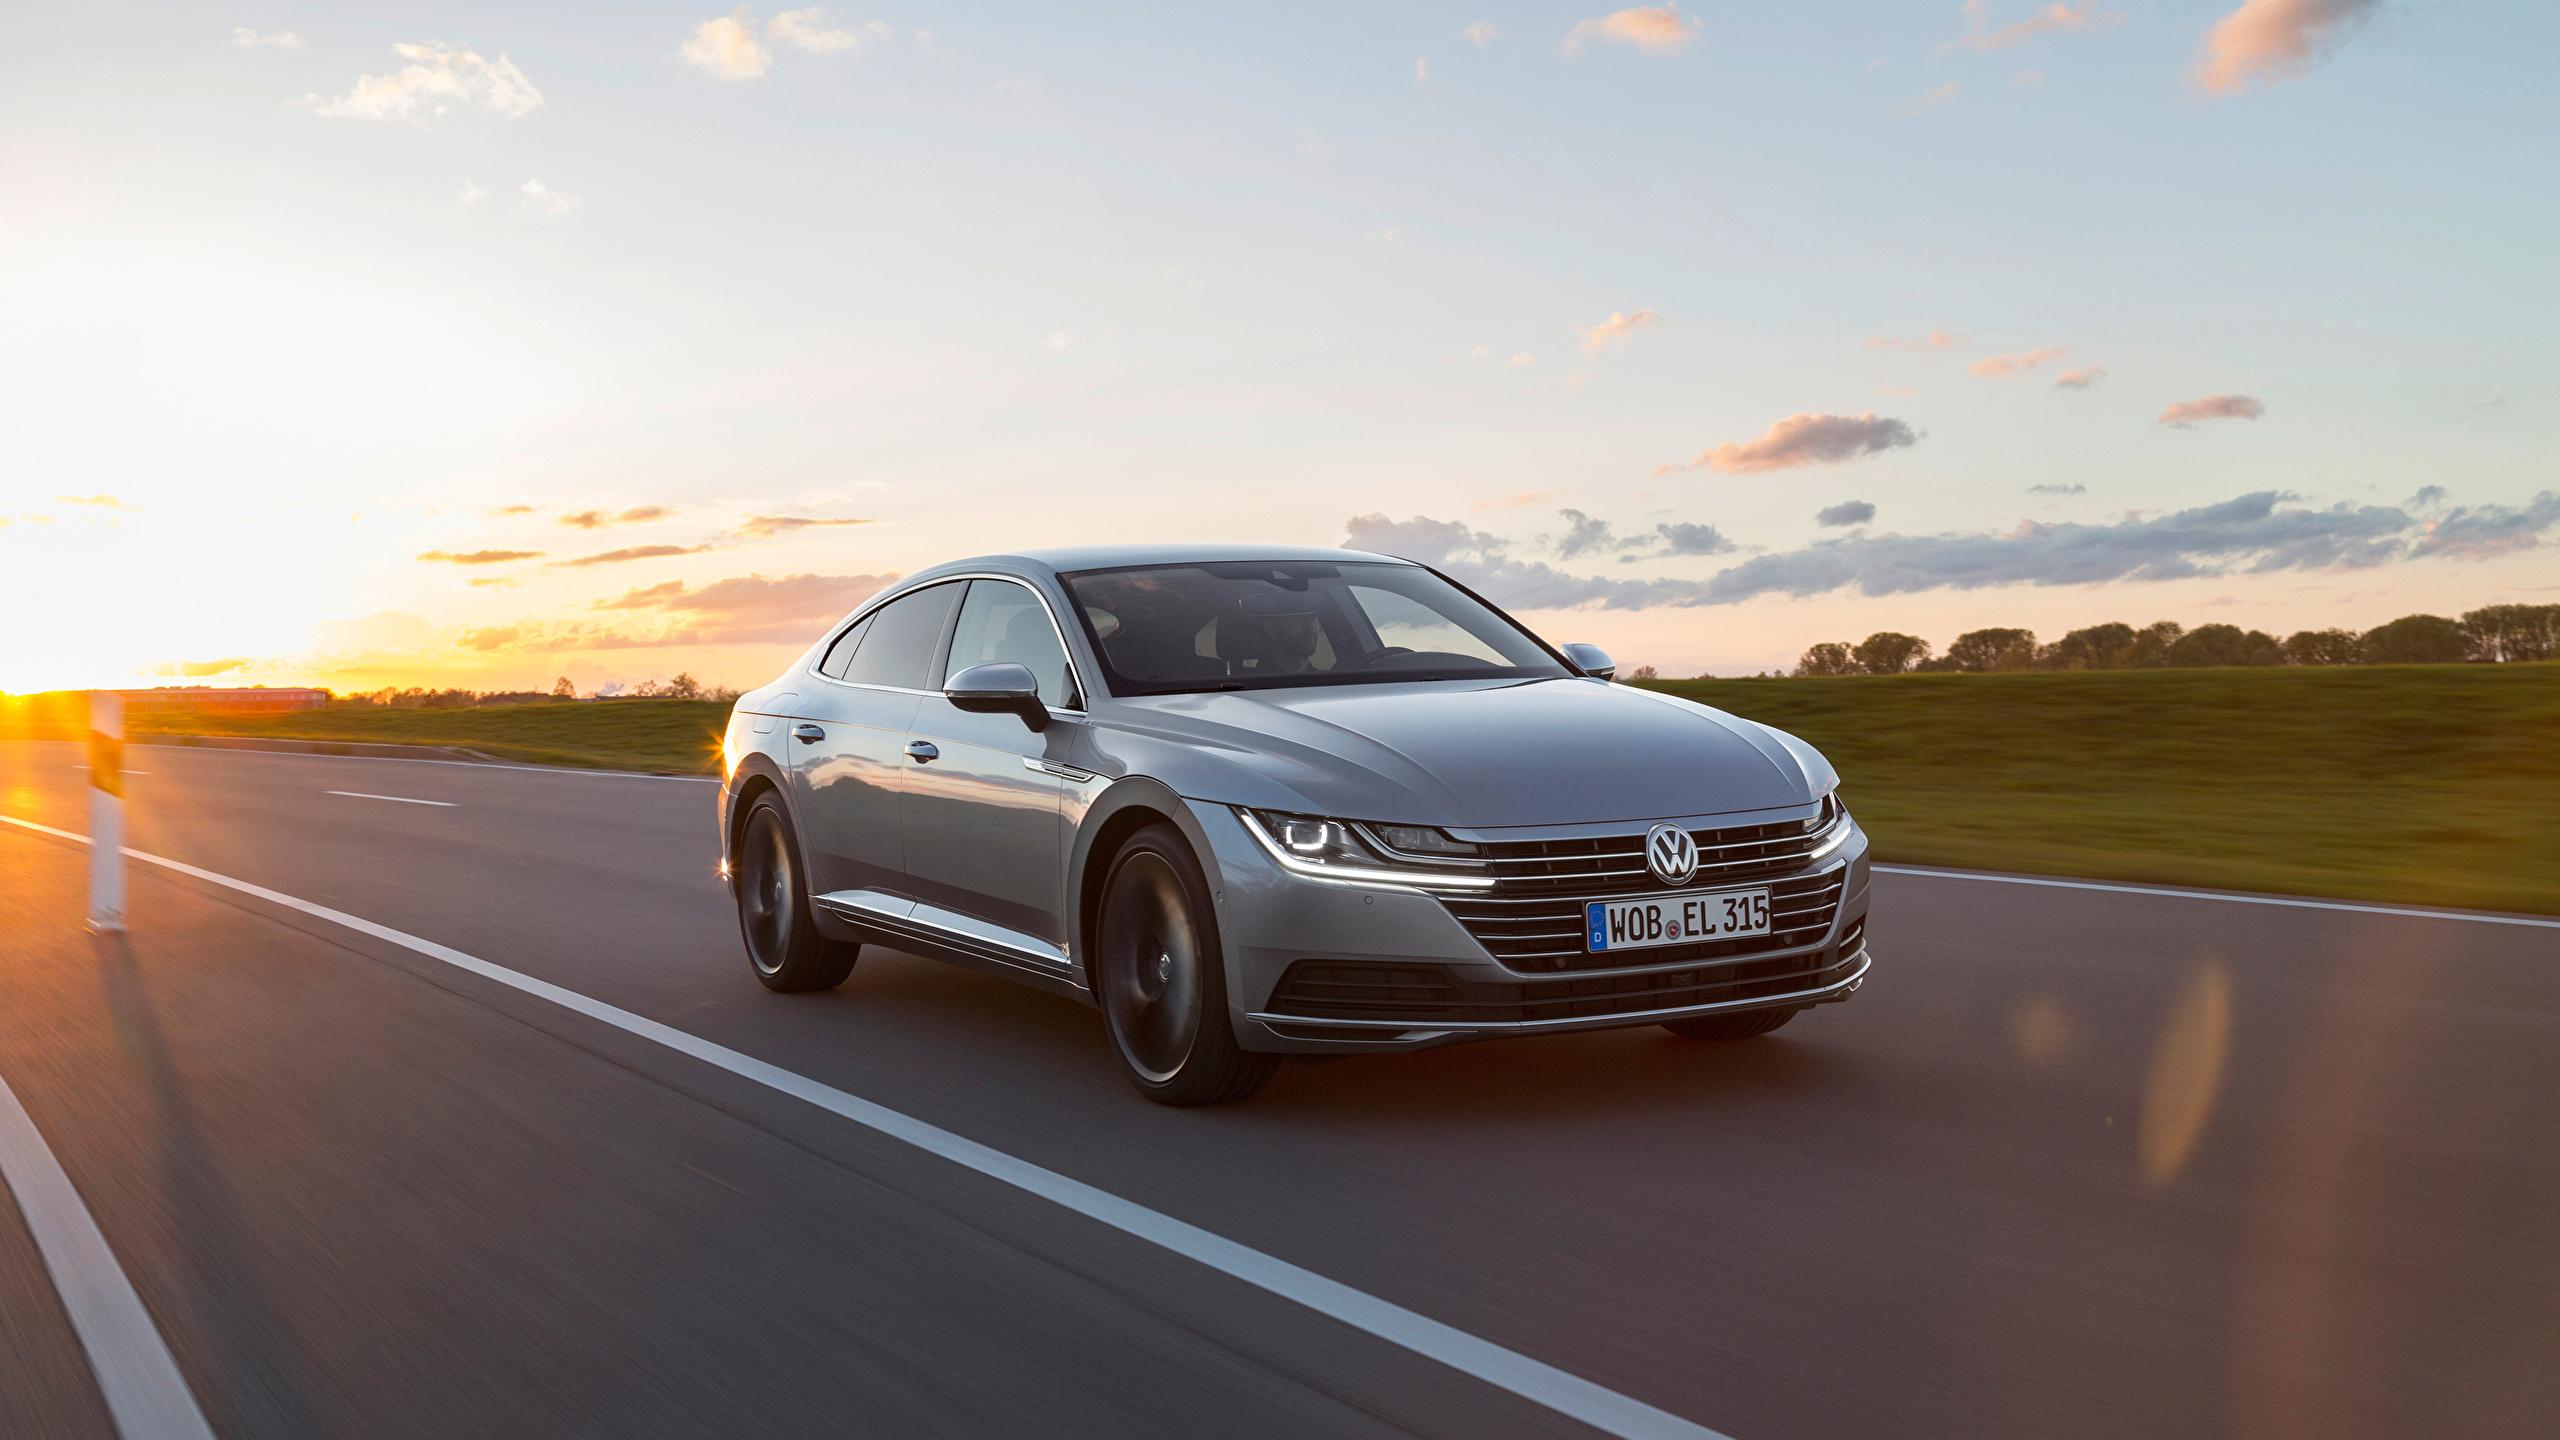 Achtergrond Volkswagen Arteon 4MOTION Elegance Worldwide grijze bewegende Auto Metallic 2560x1440 Grijs Beweging rijdende snelheid auto's automobiel